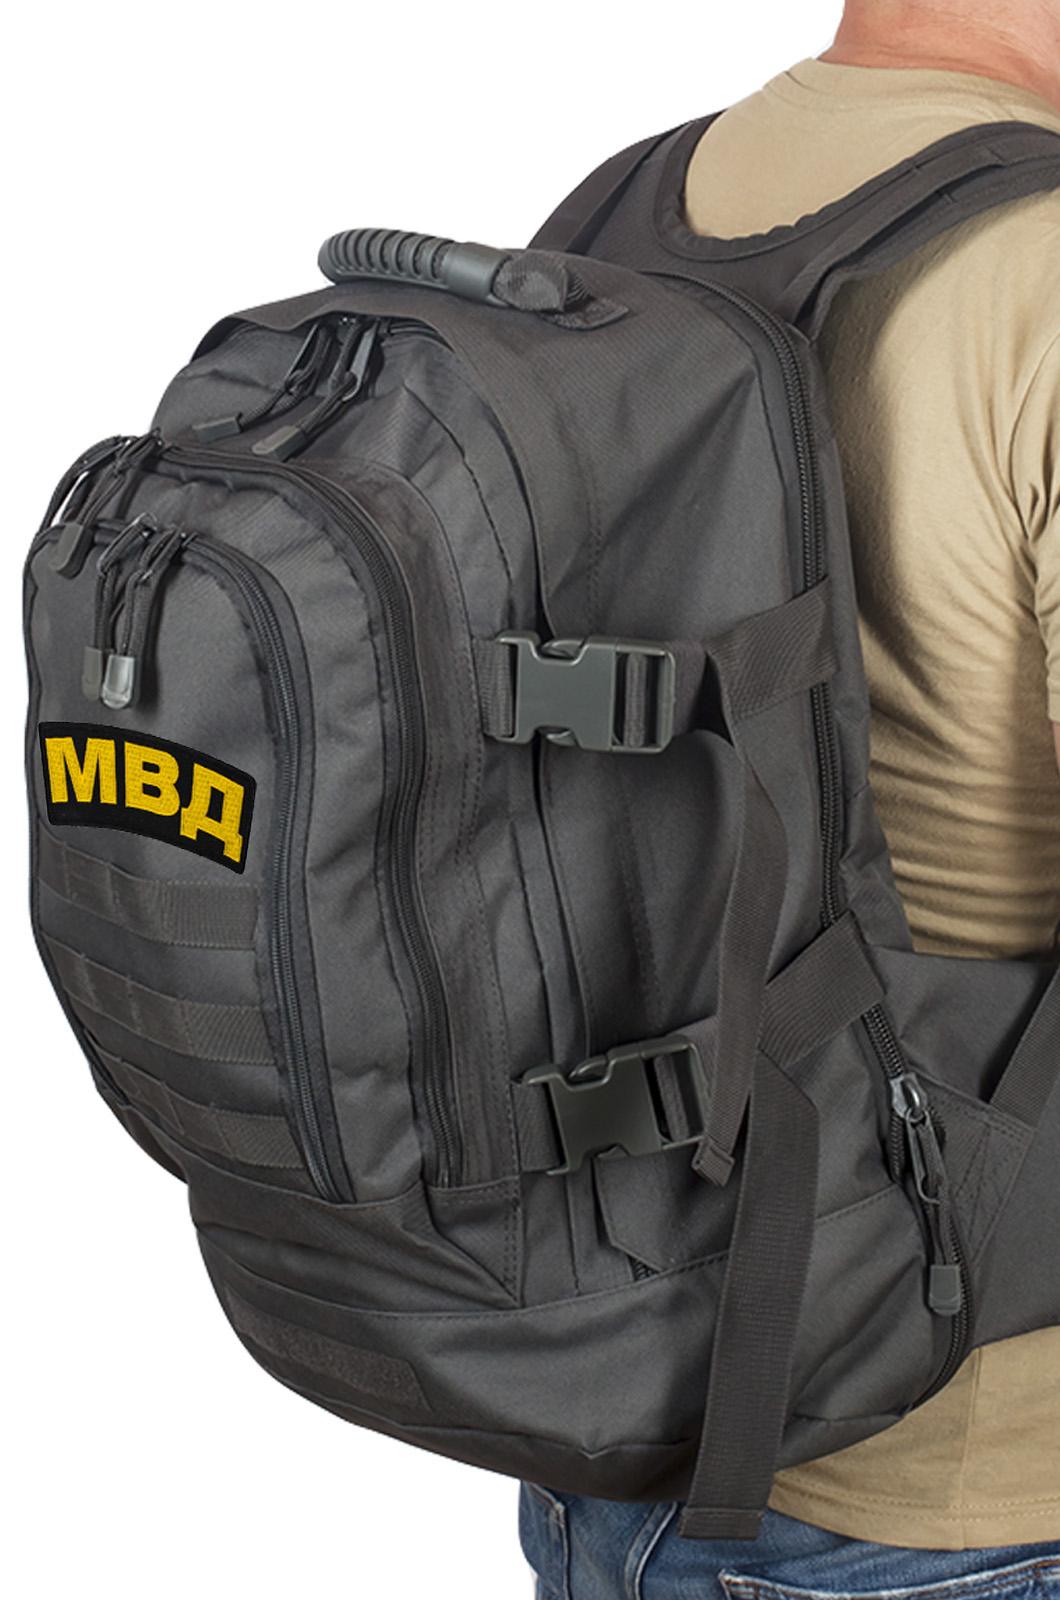 Военный универсальный рюкзак МВД - купить выгодно